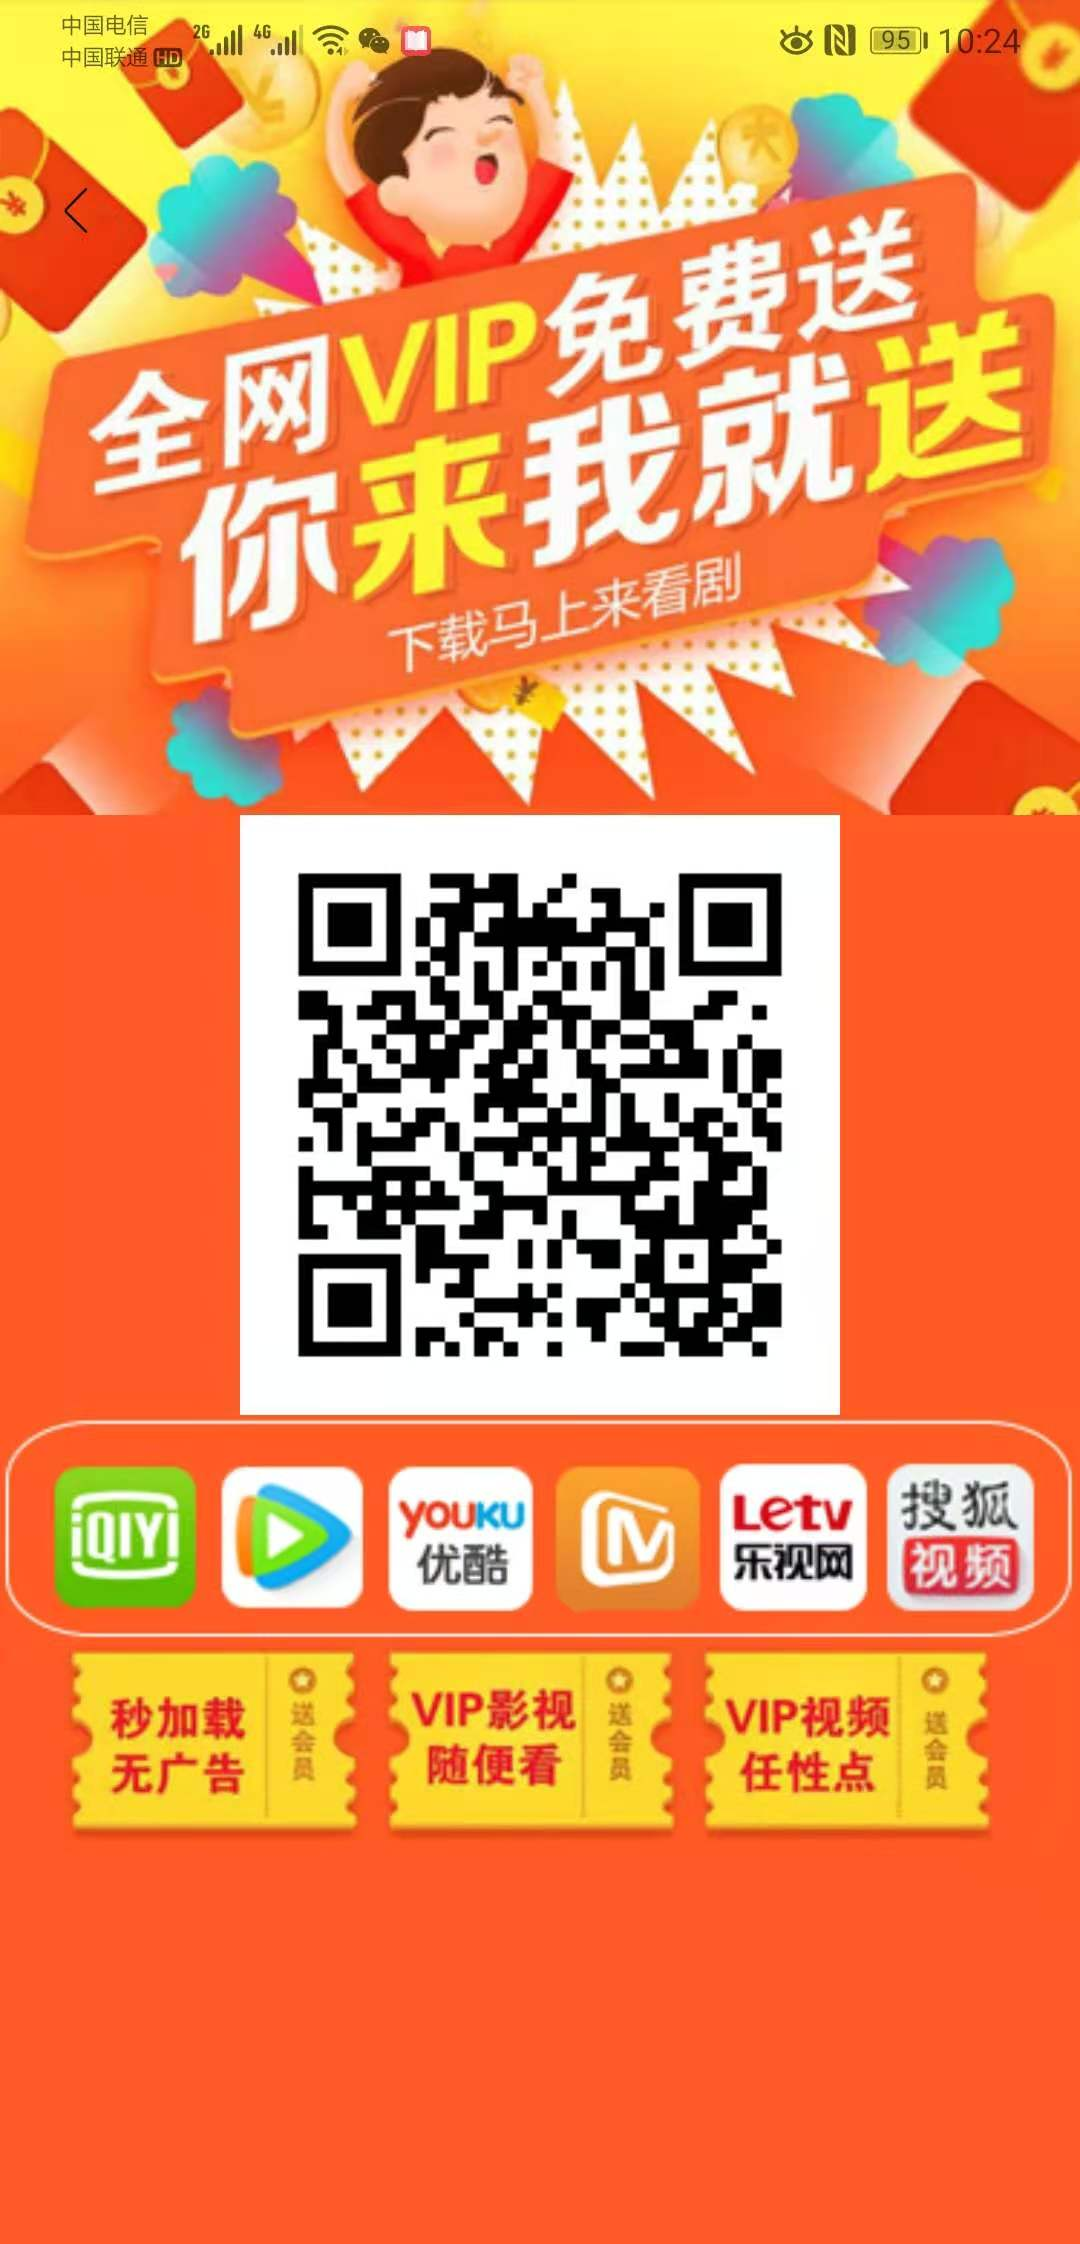 【一米影视激活码】全网VIP电视电影免费